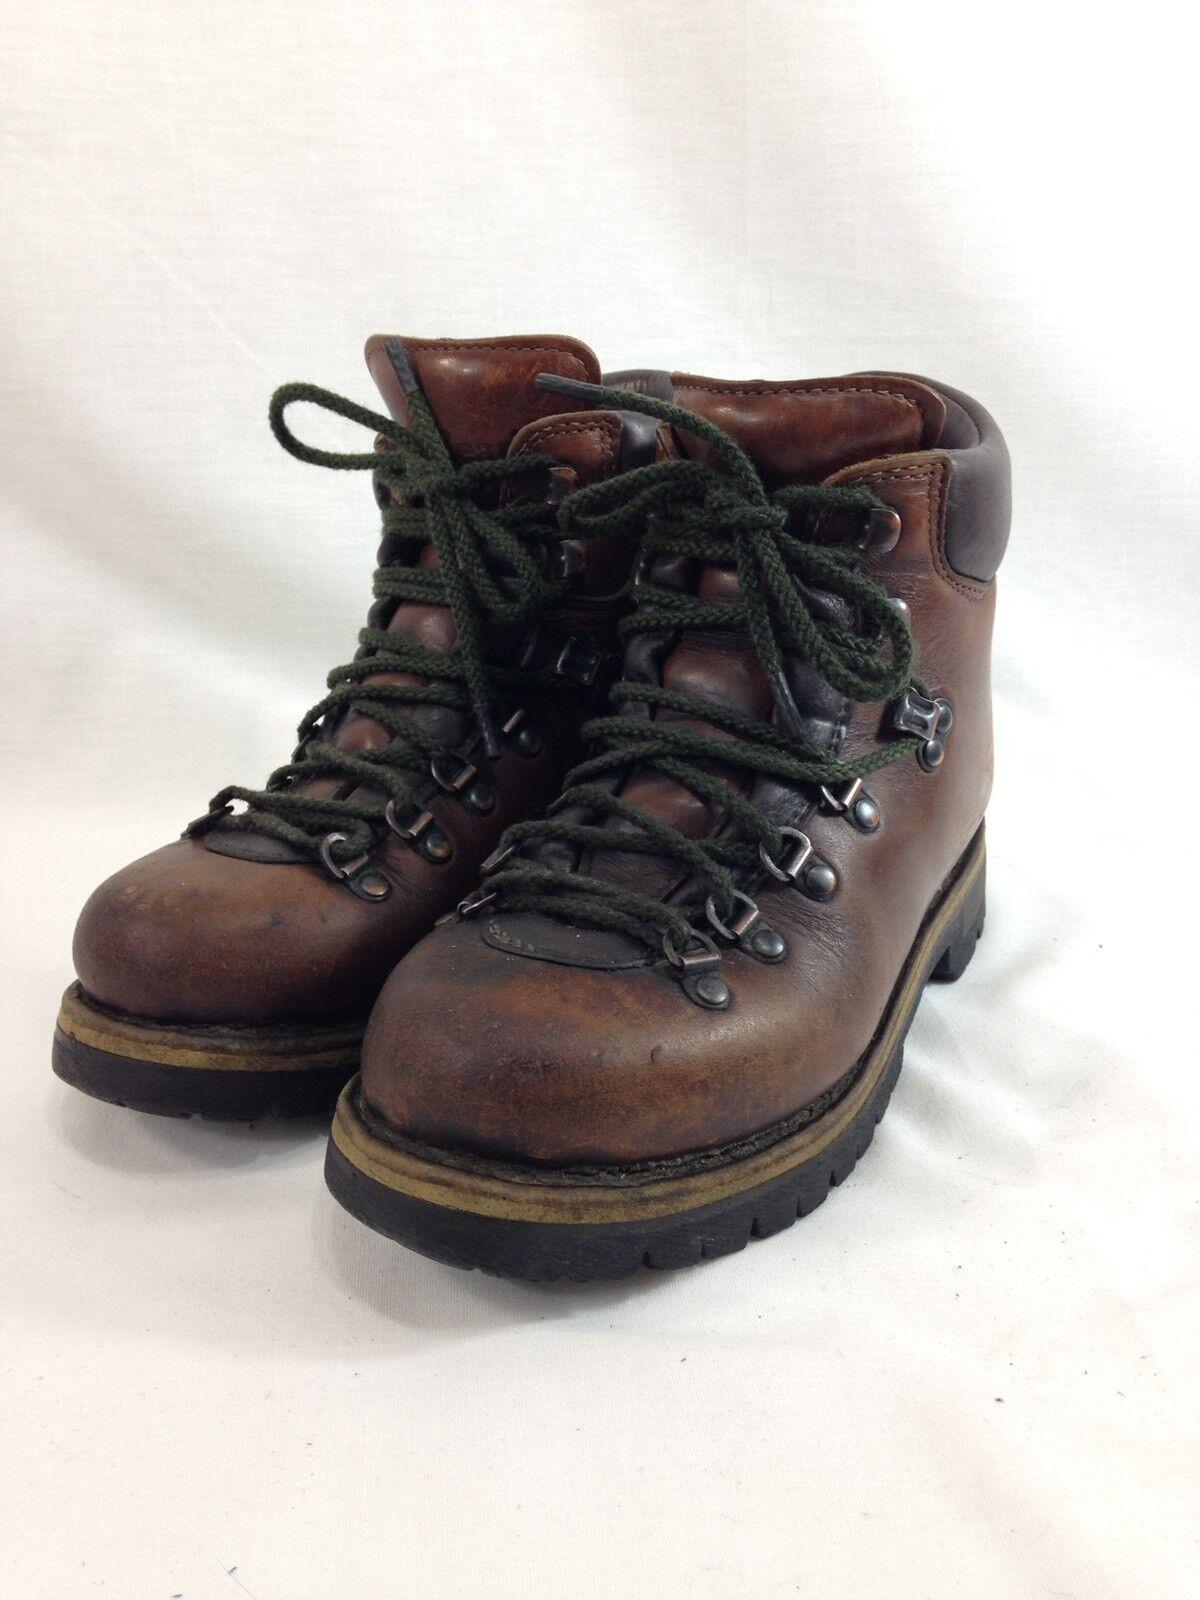 botas Vintage Ll Bean Senderismo Montañismo Escalada Italia marrón de cuero para mujer 7